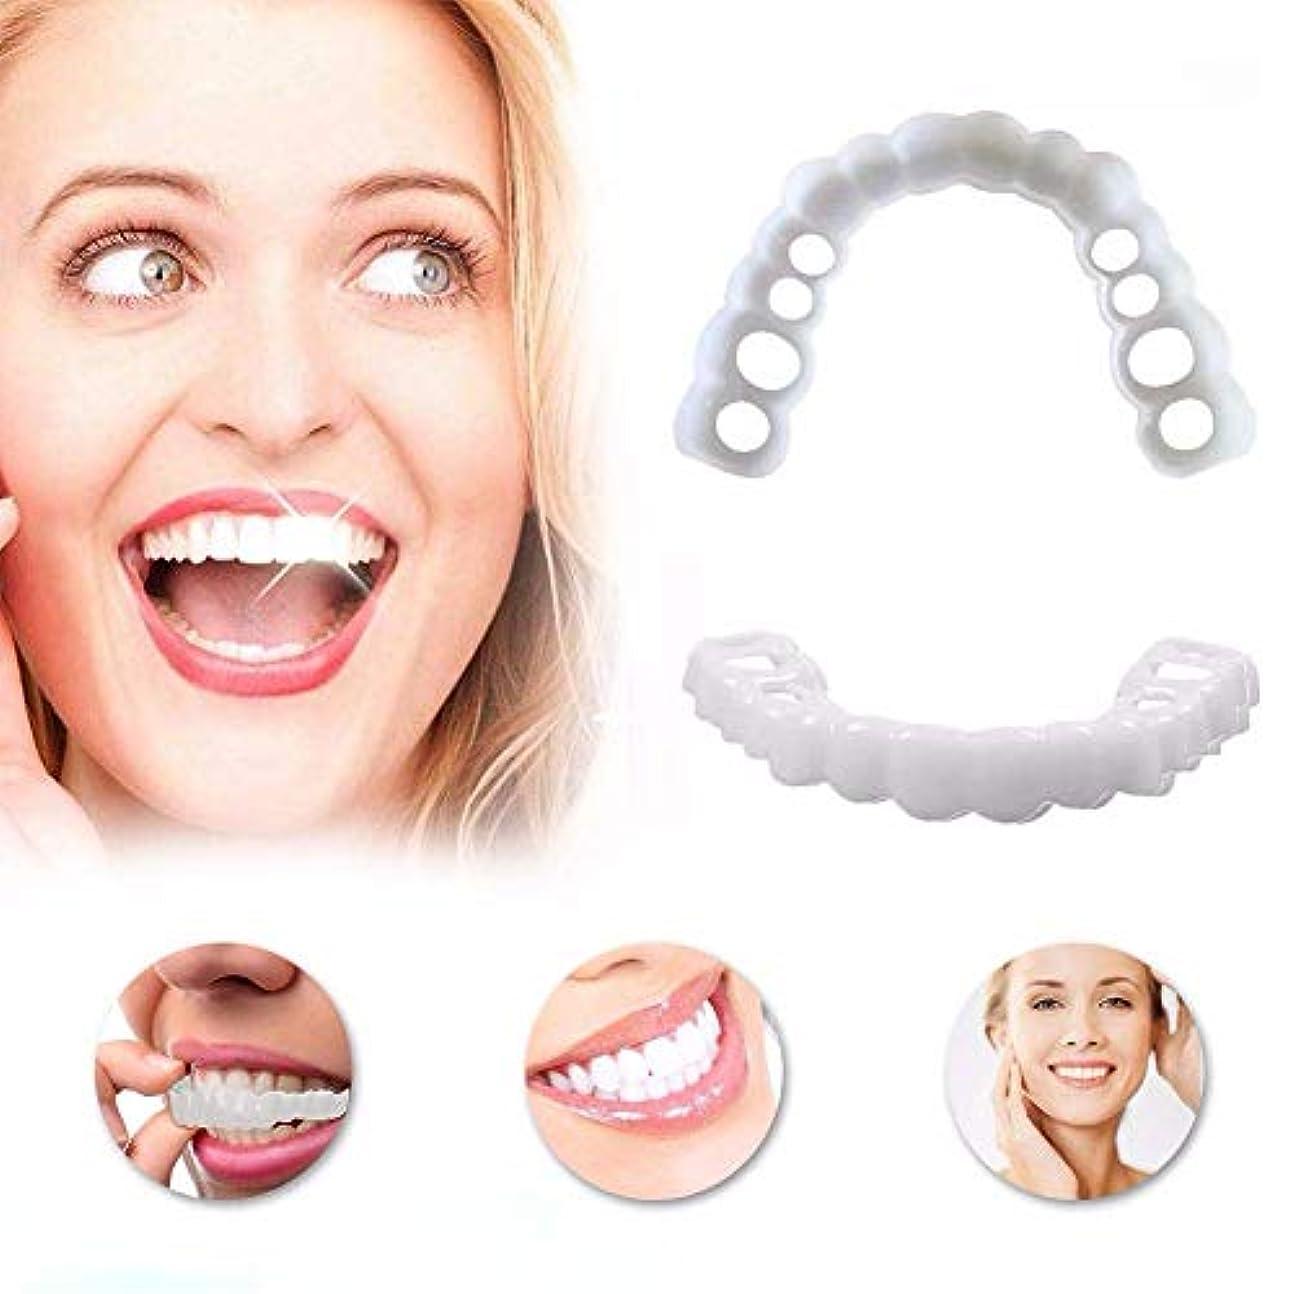 ダーリンゲージ体系的にインスタントパーフェクトスマイルコンフォートフィットするFlex歯ベニア3Pairアッパー歯+下の歯のホワイトニングスーツの化粧品スナップ